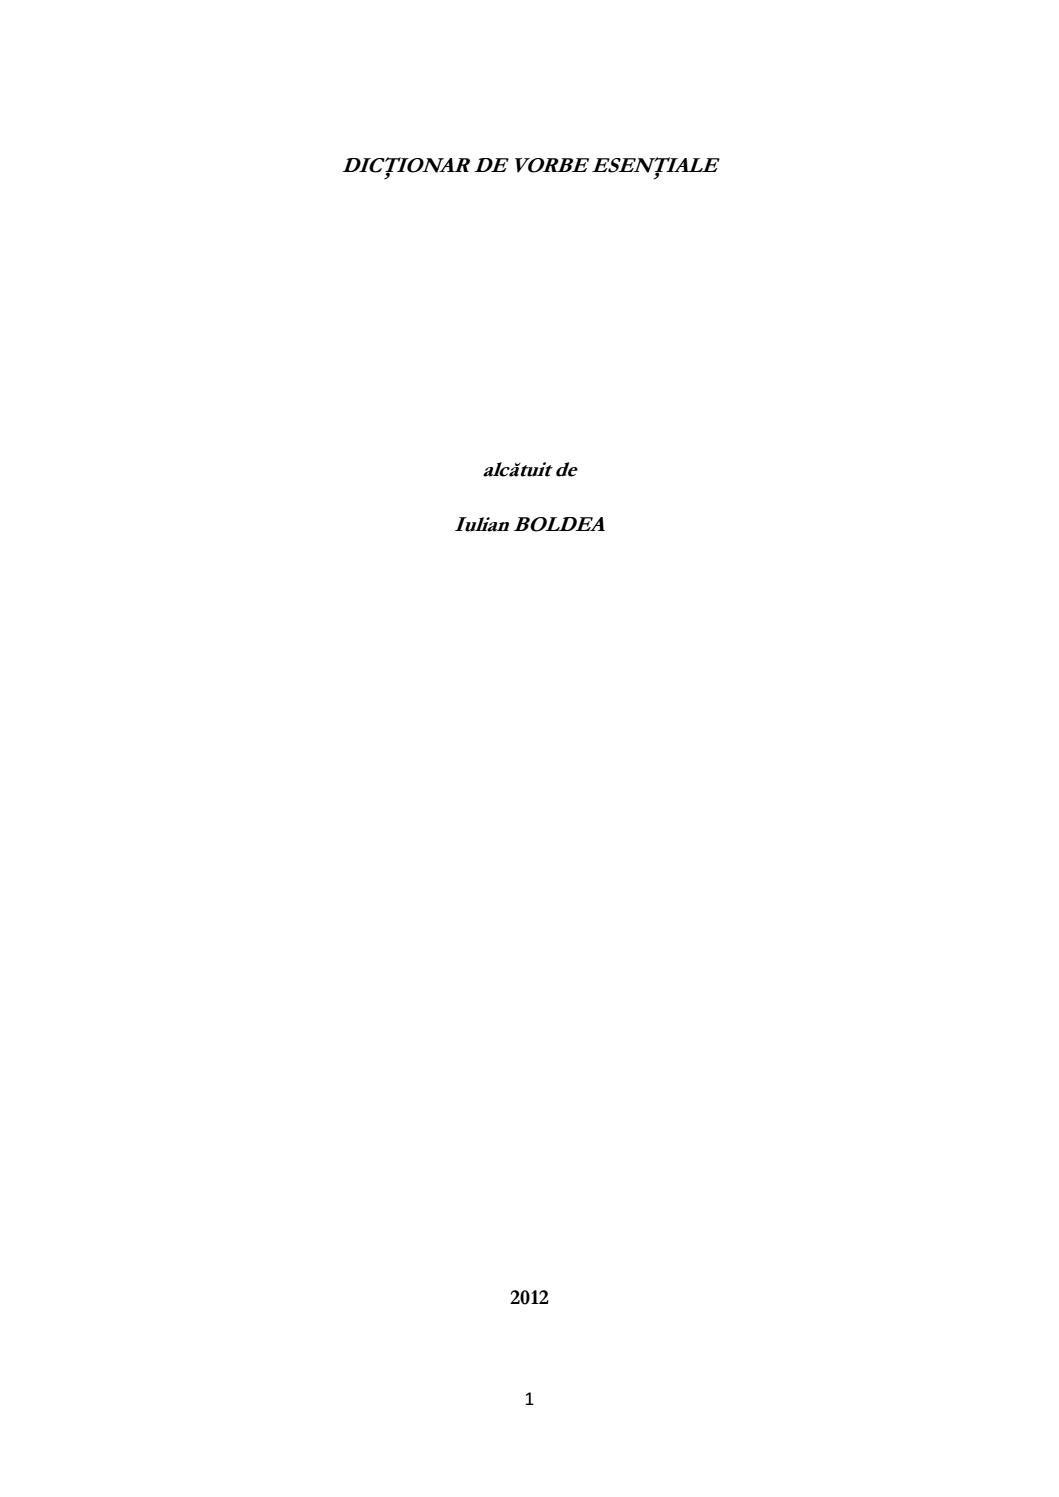 Crearea unei bibliografii, a citatelor și a referințelor